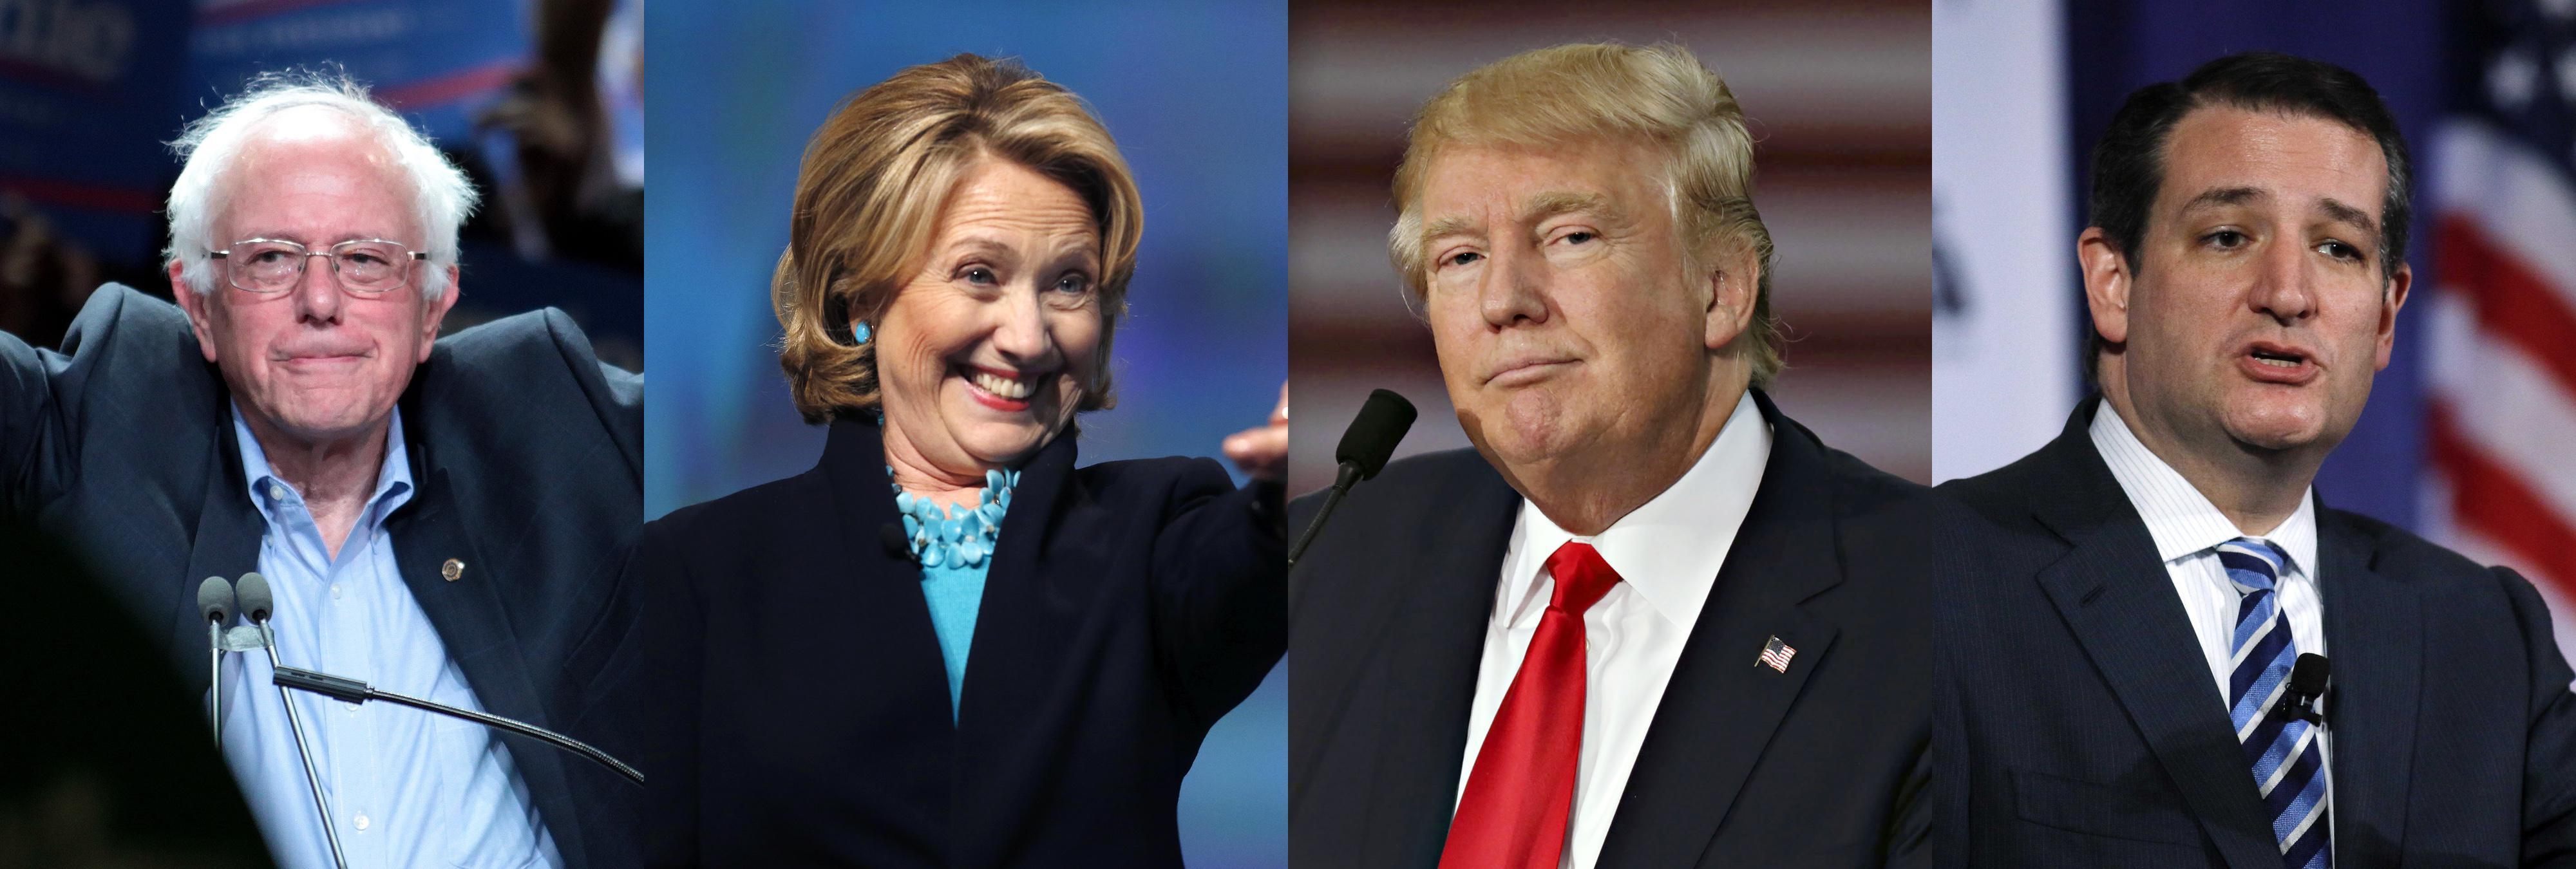 Hemos imaginado 4 posibles finales de las elecciones de Estados Unidos